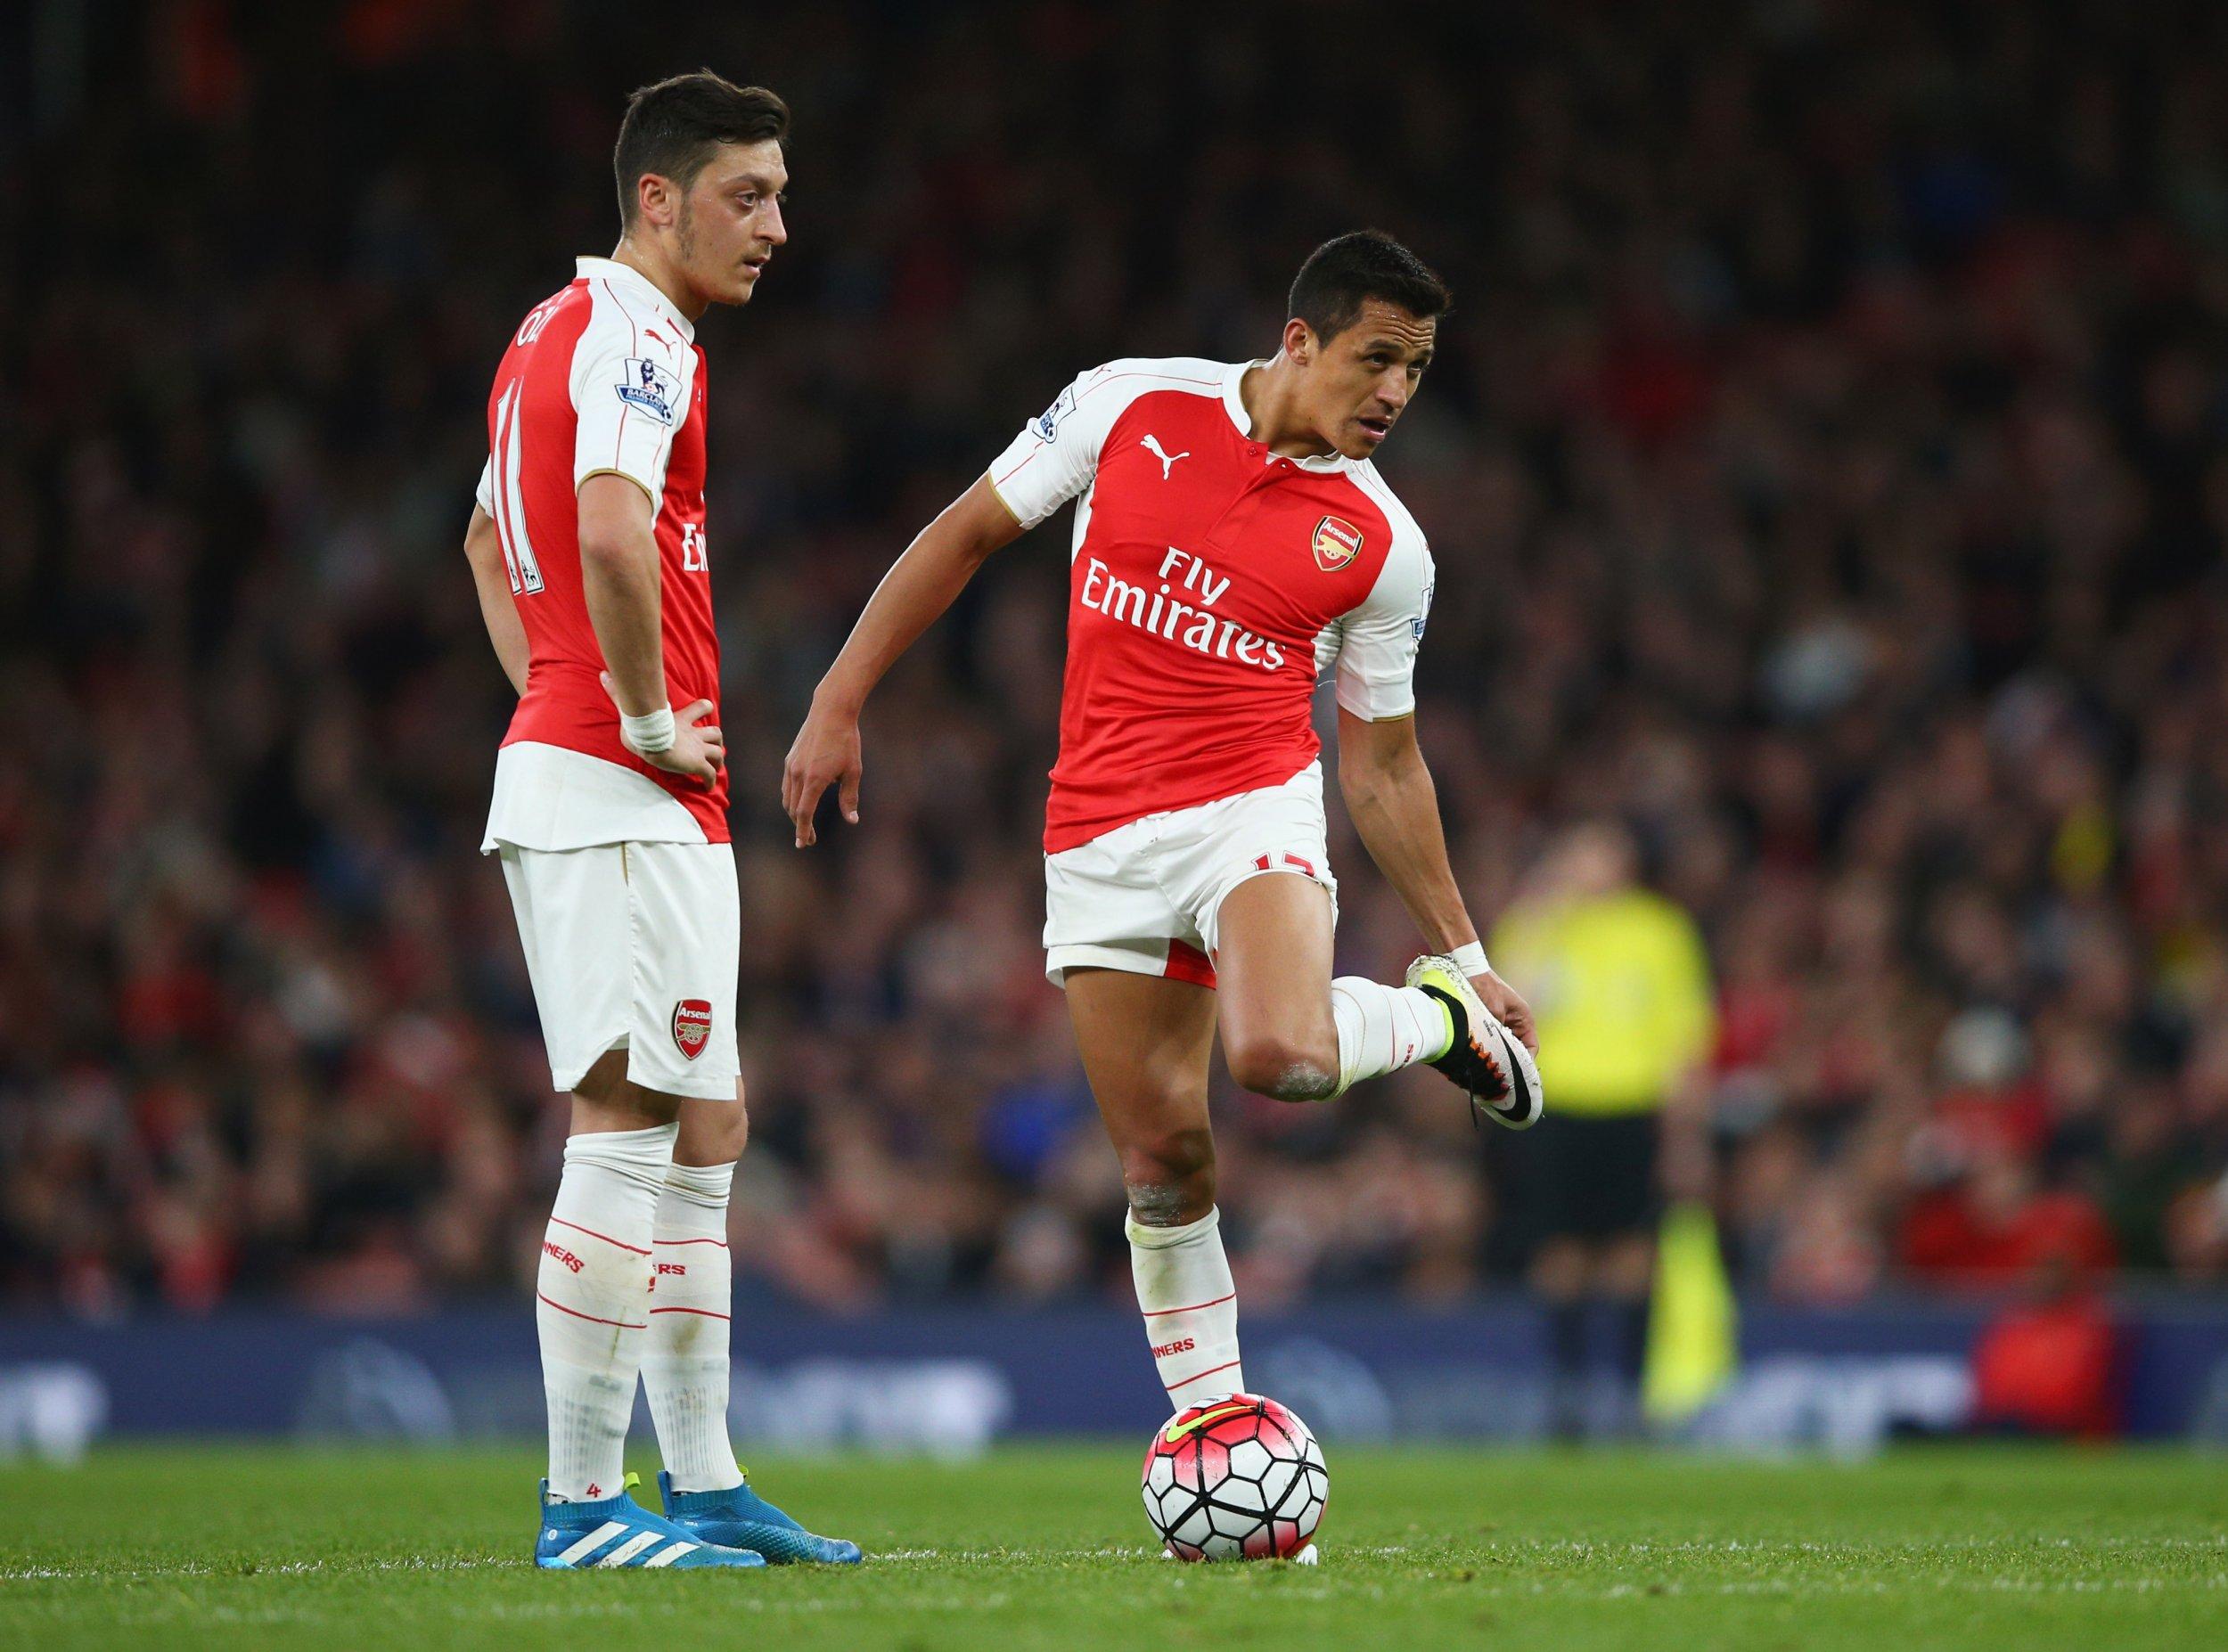 Arsenal players Mesut Ozil, left, and Alexis Sanchez.